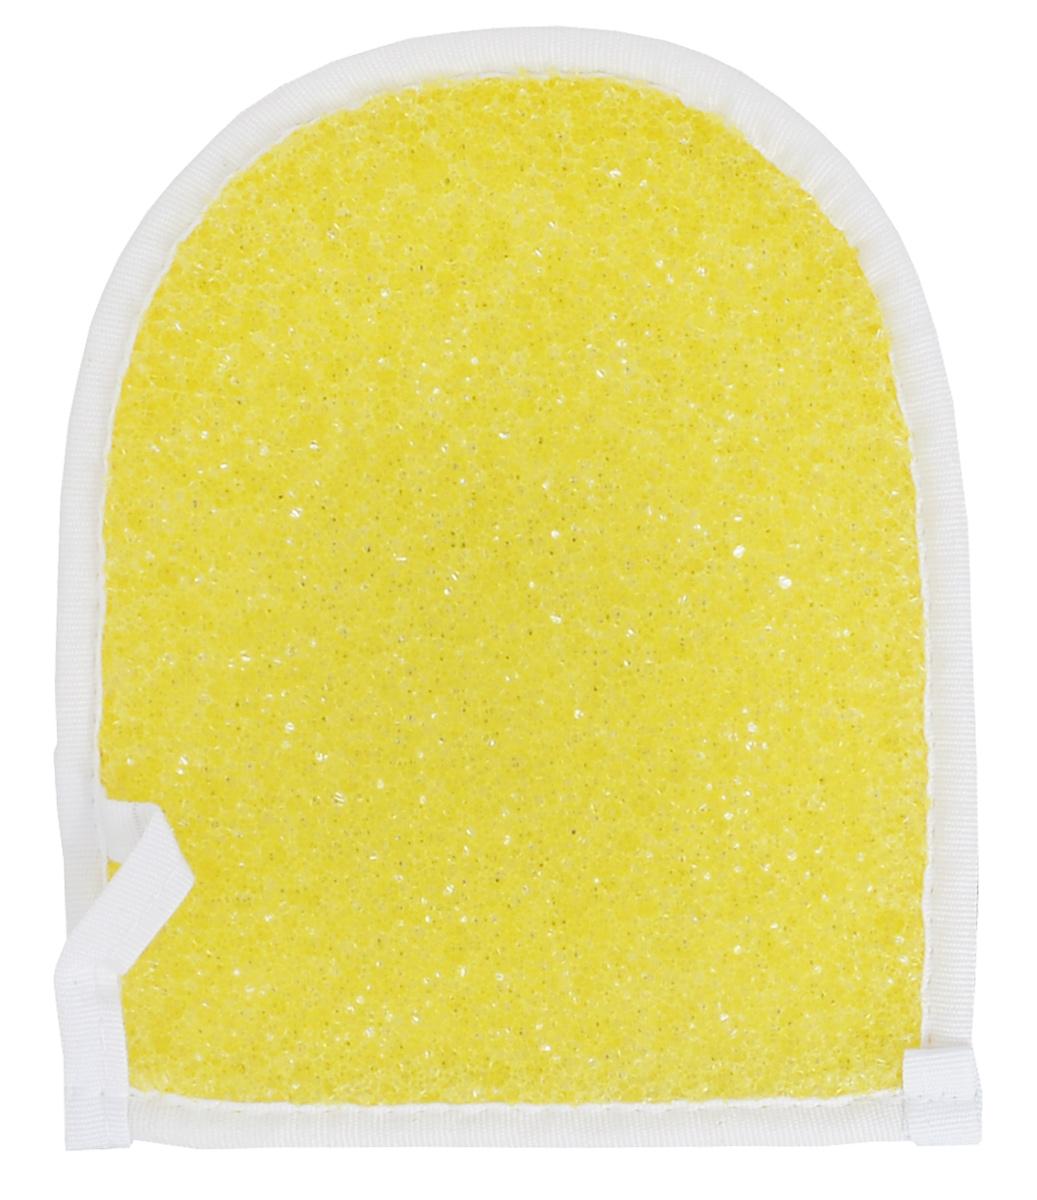 Мочалка массажная Eva Рукавица, цвет: желтыйМ32_желтыйМассажная мочалка Eva Рукавица станет незаменимым аксессуаром ванной комнаты. Отлично пенится и быстро сохнет. Мочалка изготовлена из хлопка, полиэстера и полиуретана, благодаря чему дает эффект массажа. Тонизирует и очищает кожу. Подходит для всех типов кожи. Не вызывает аллергии. Уровень жесткости: средний.